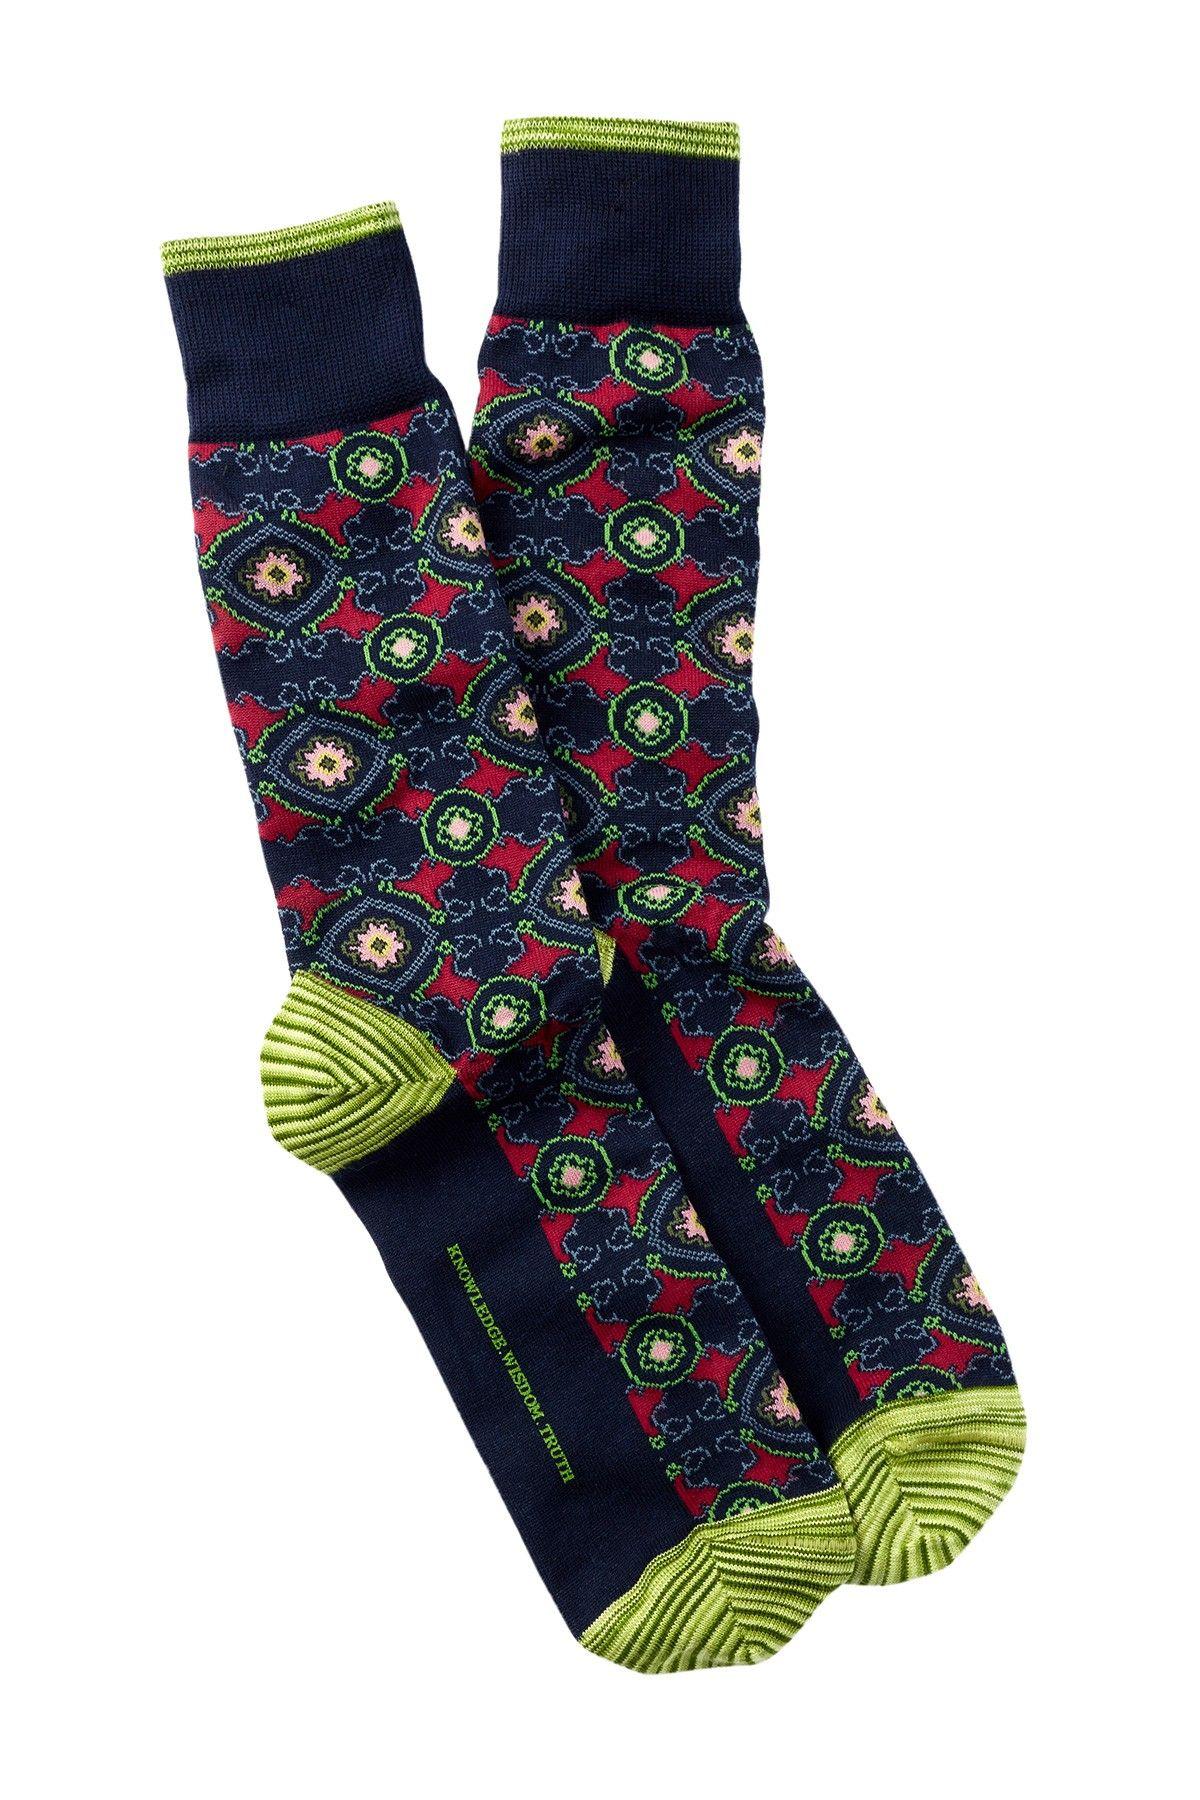 Robert Graham Pasquino Crew Socks | Robert graham, Socks and Crew socks